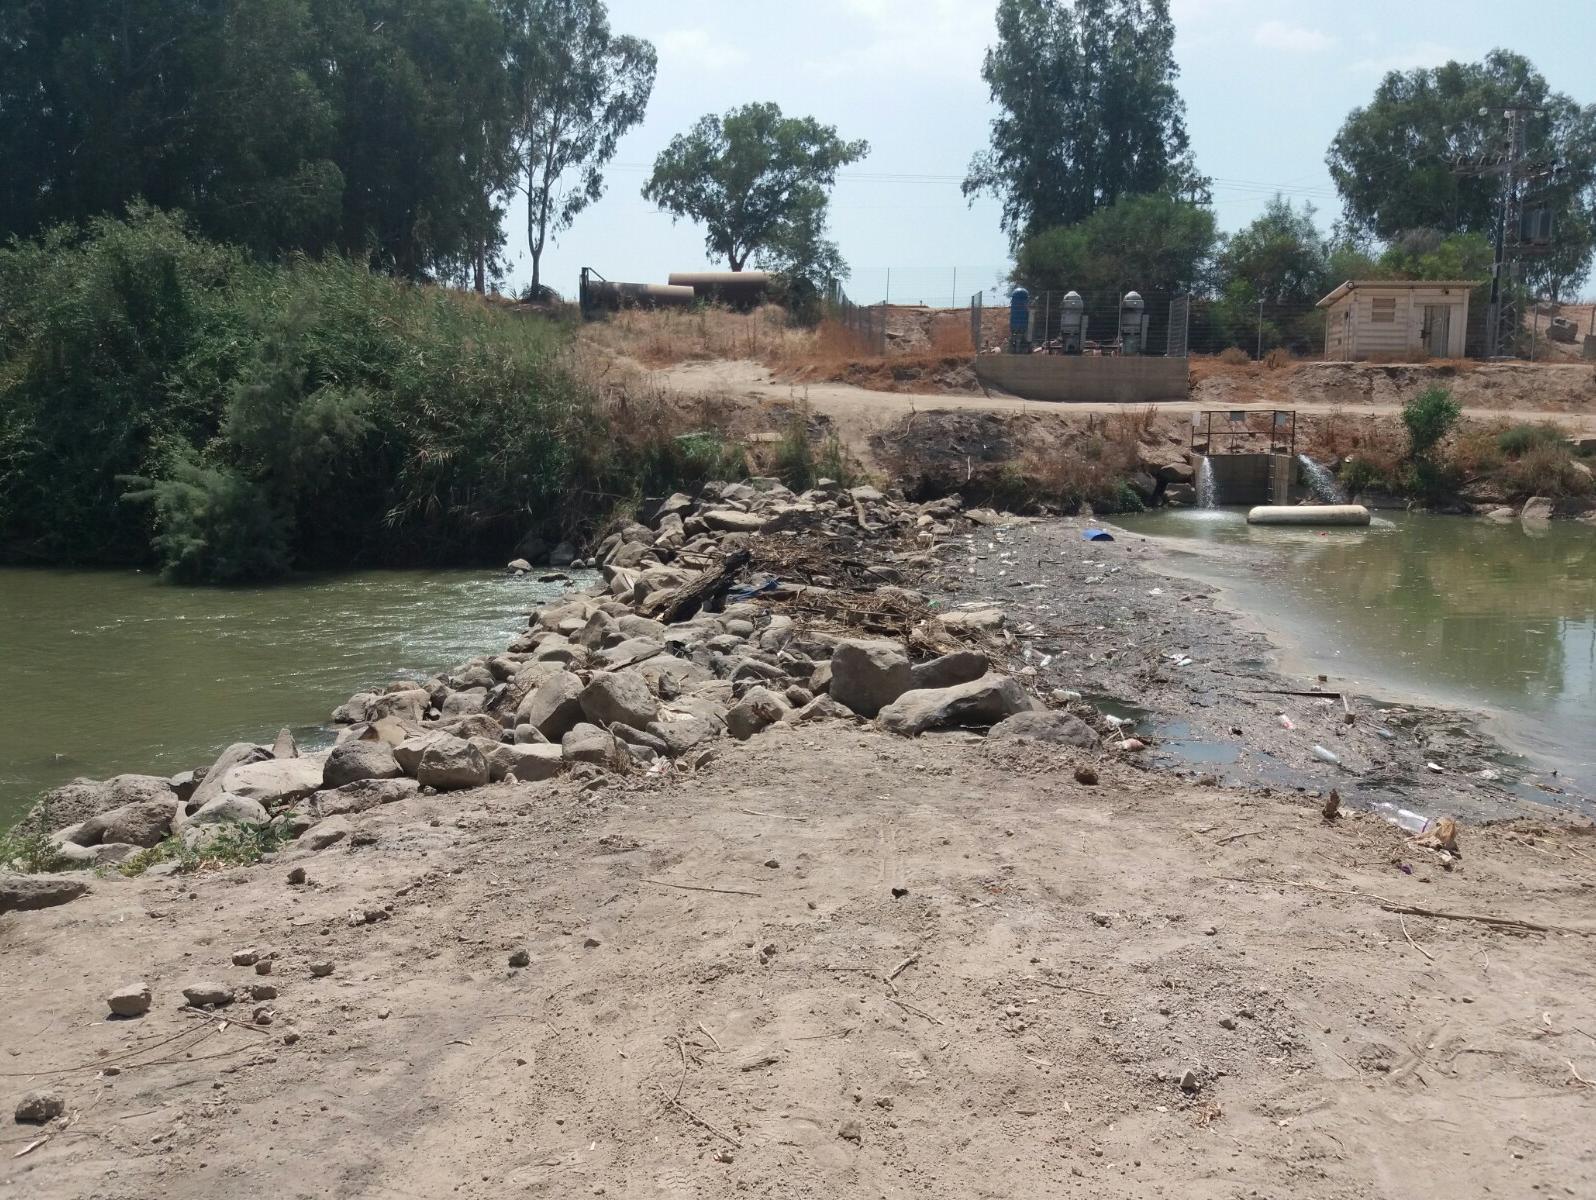 מה עם המים? מומחים מזהירים מהפיכת הירדן לנחל אכזב: